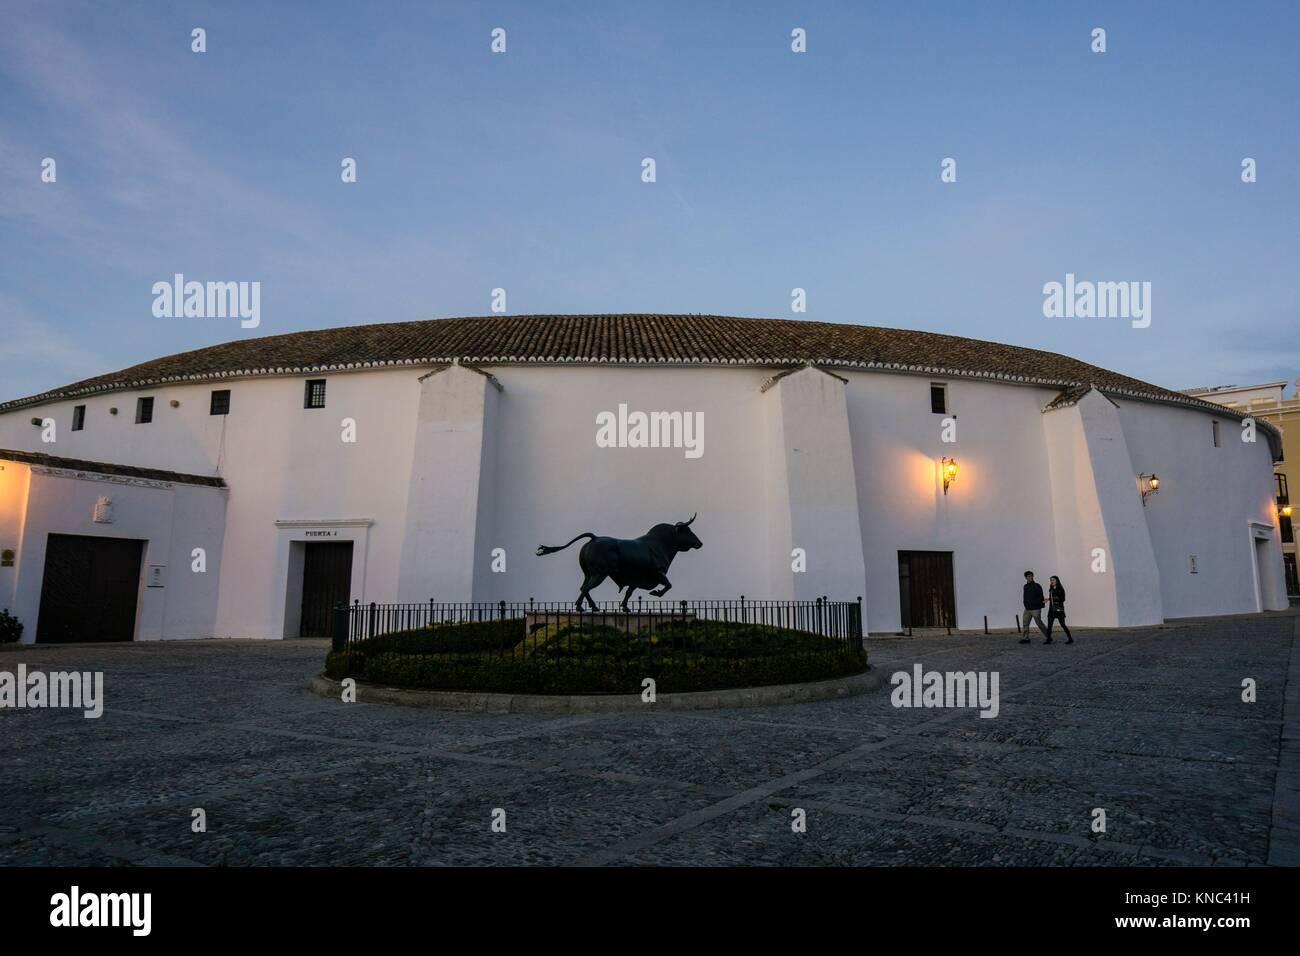 Plaza de Toros de Ronda, propiedad de la Real Maestranza de Caballería de Ronda, Ronda, Malaga Province, Andalusia, - Stock Image